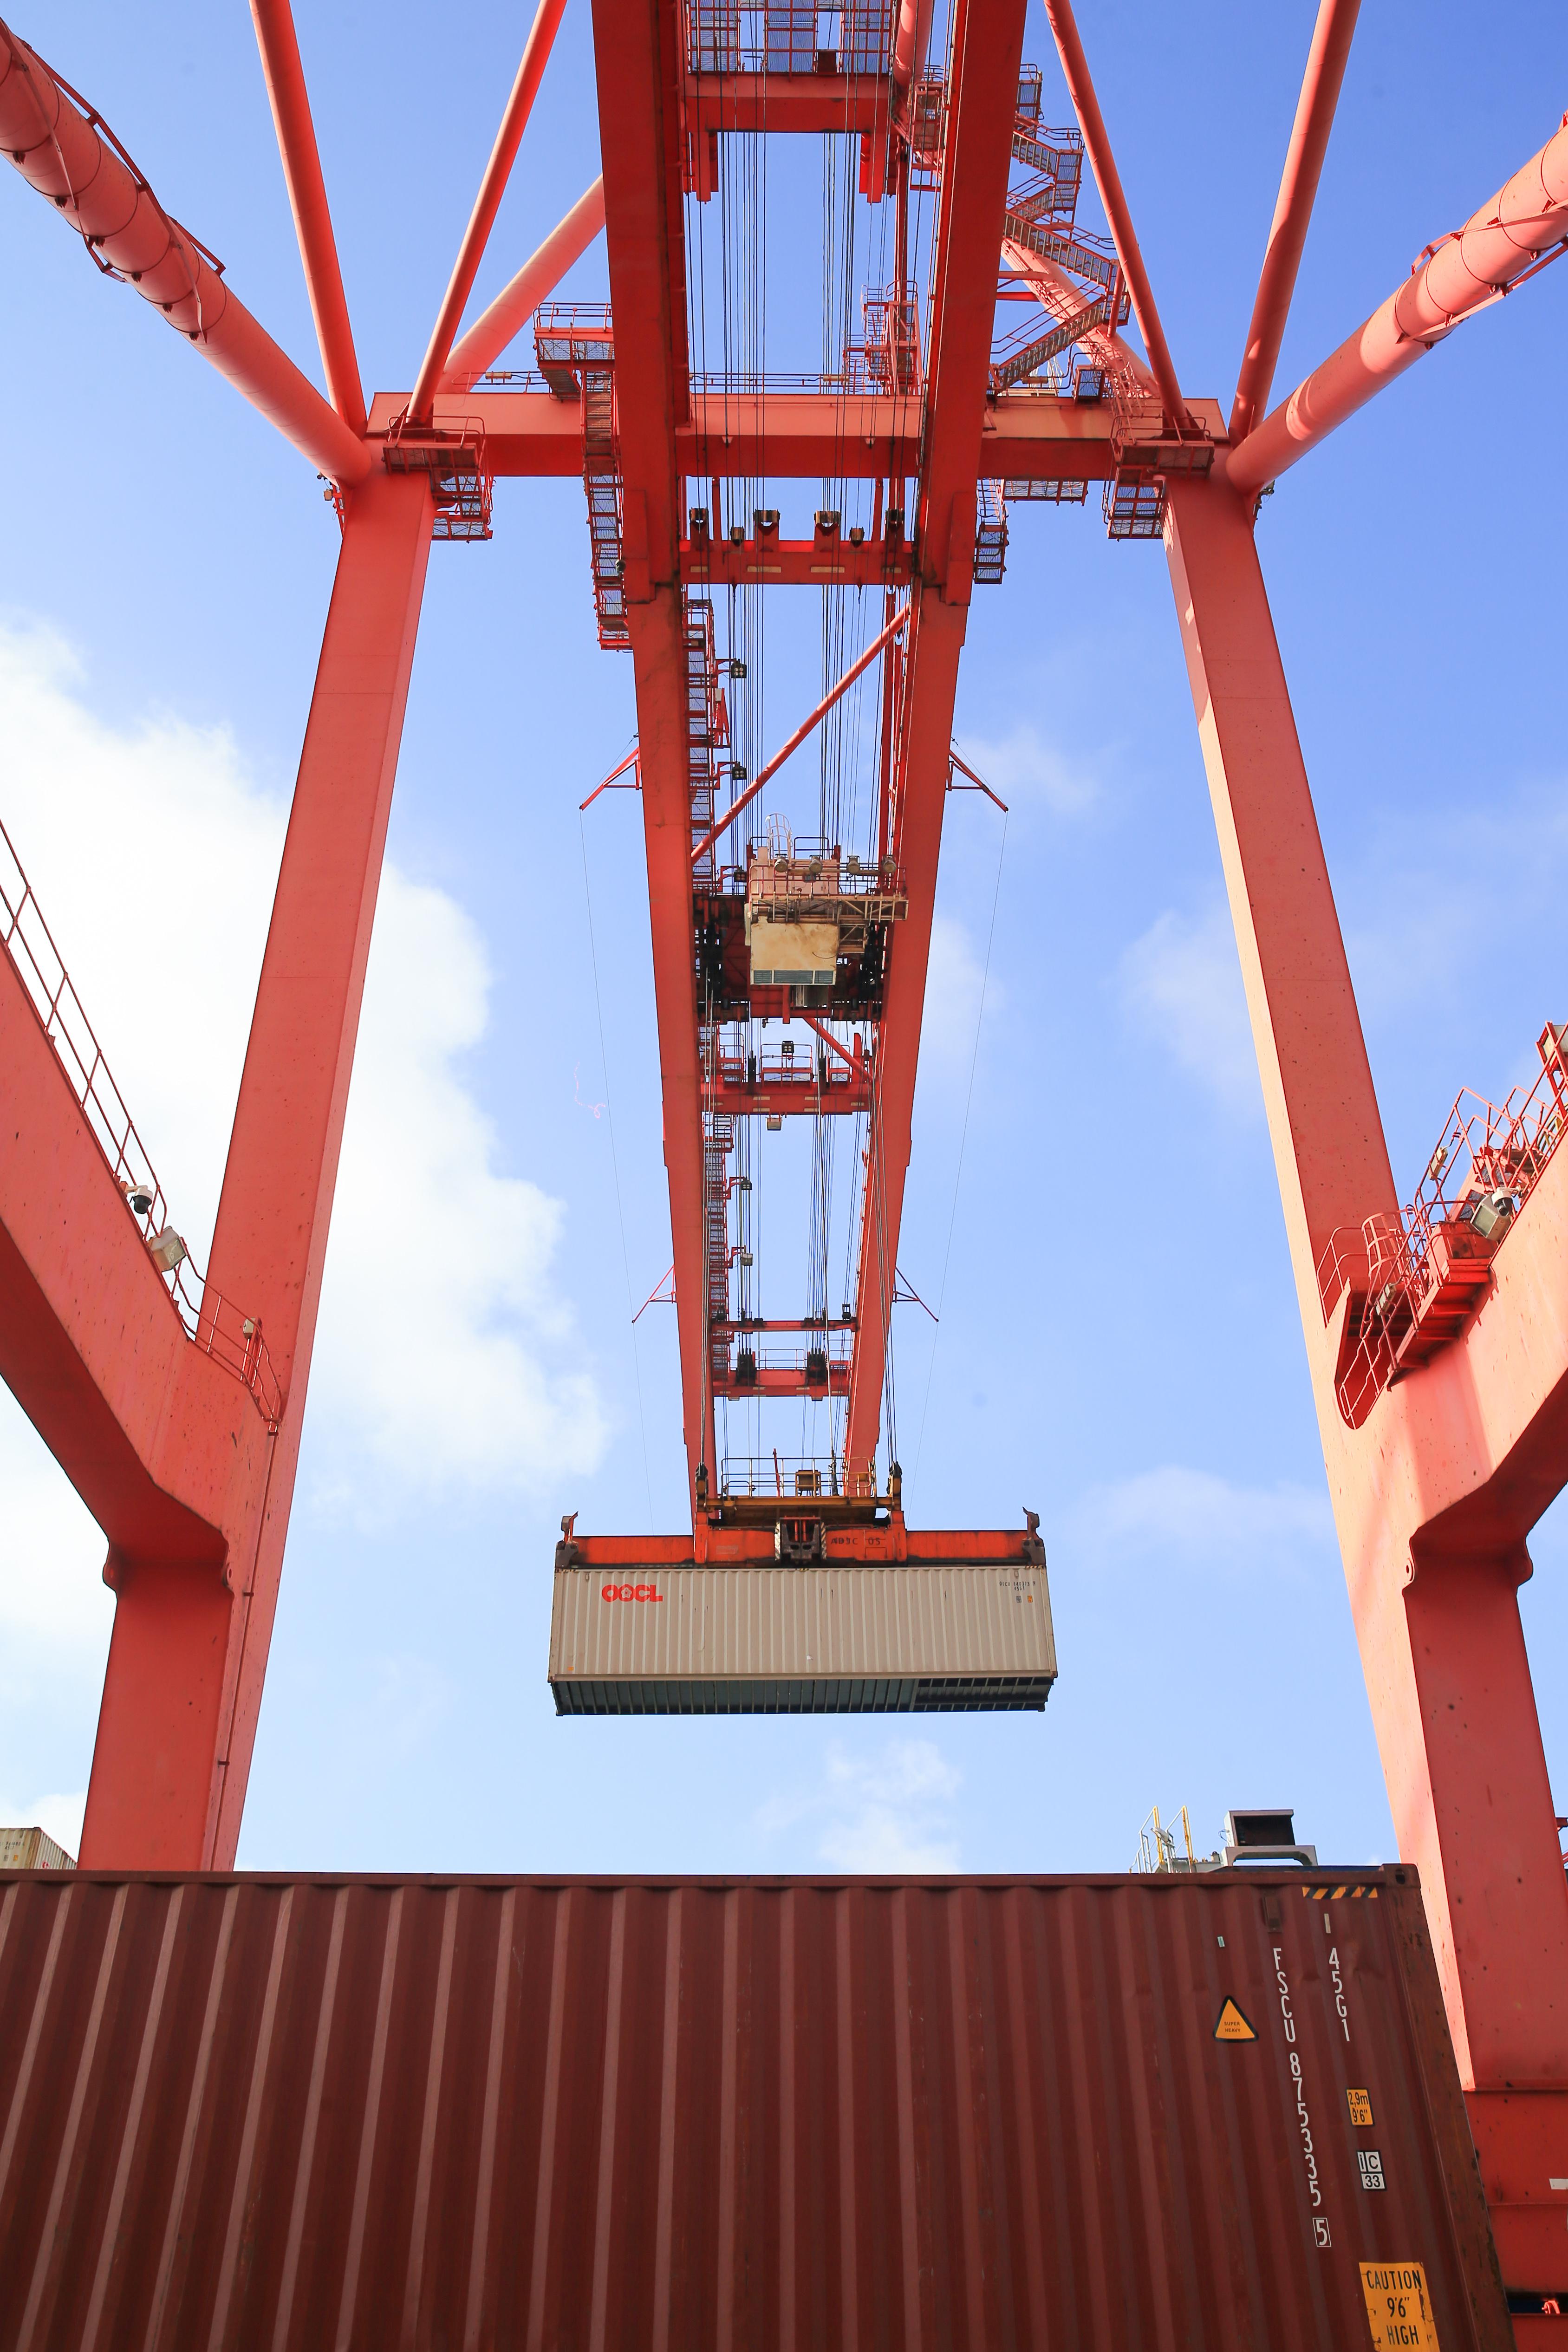 港口助力千臺國產工程機械出口南美